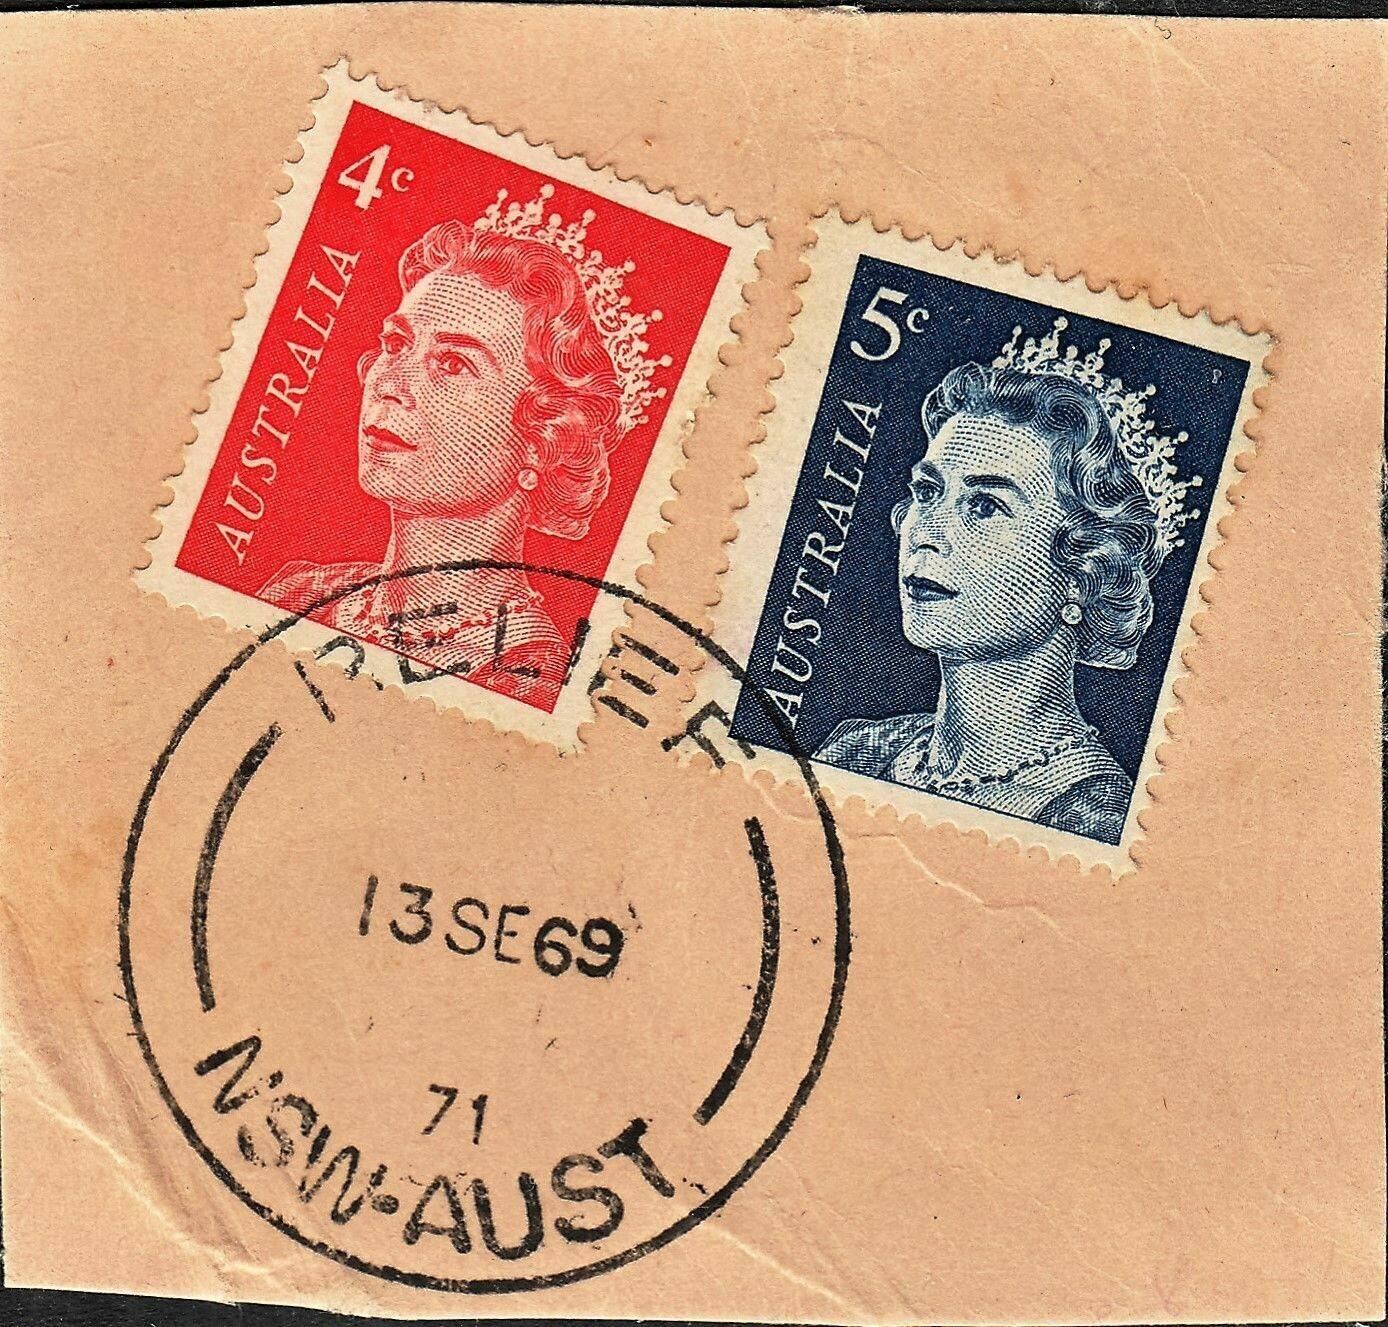 Australia 1969 NSW Relief Cancel on Piece